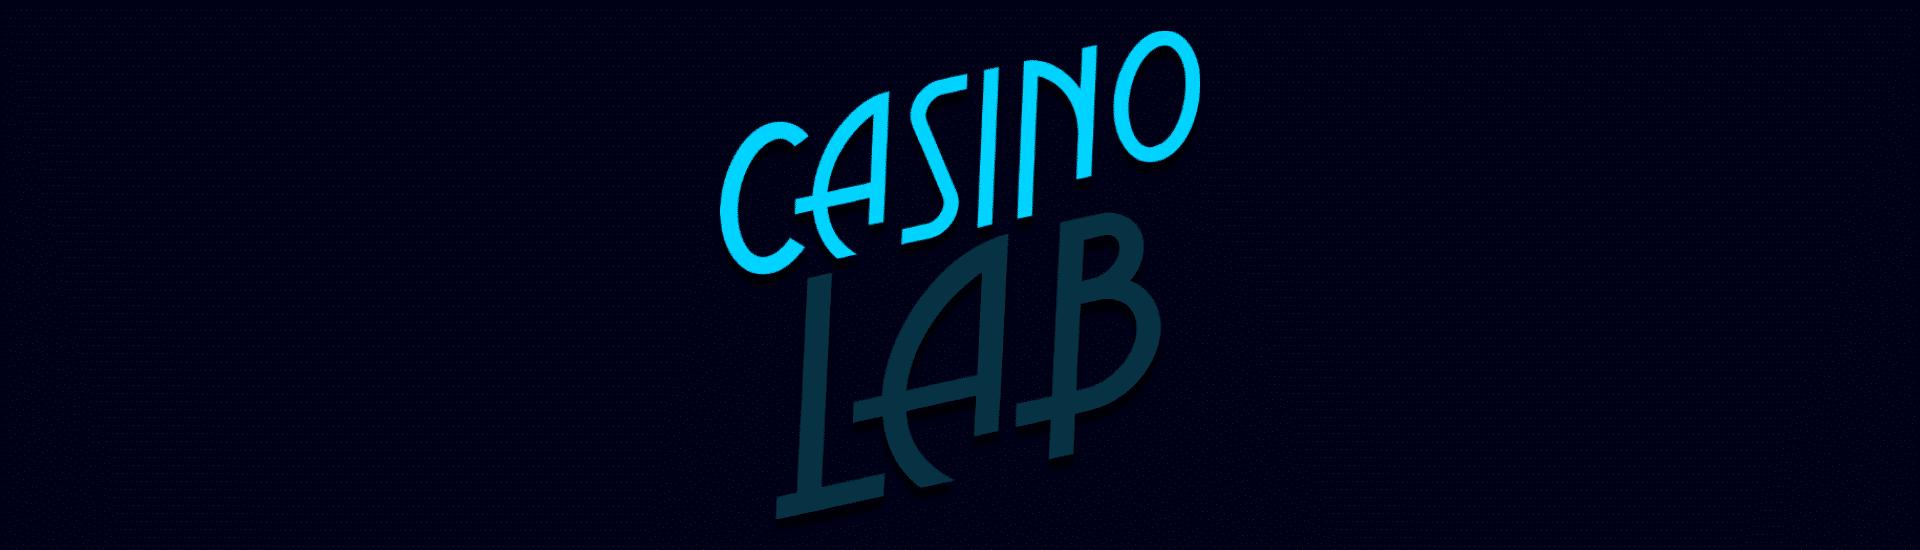 Casino Lab Featured Image